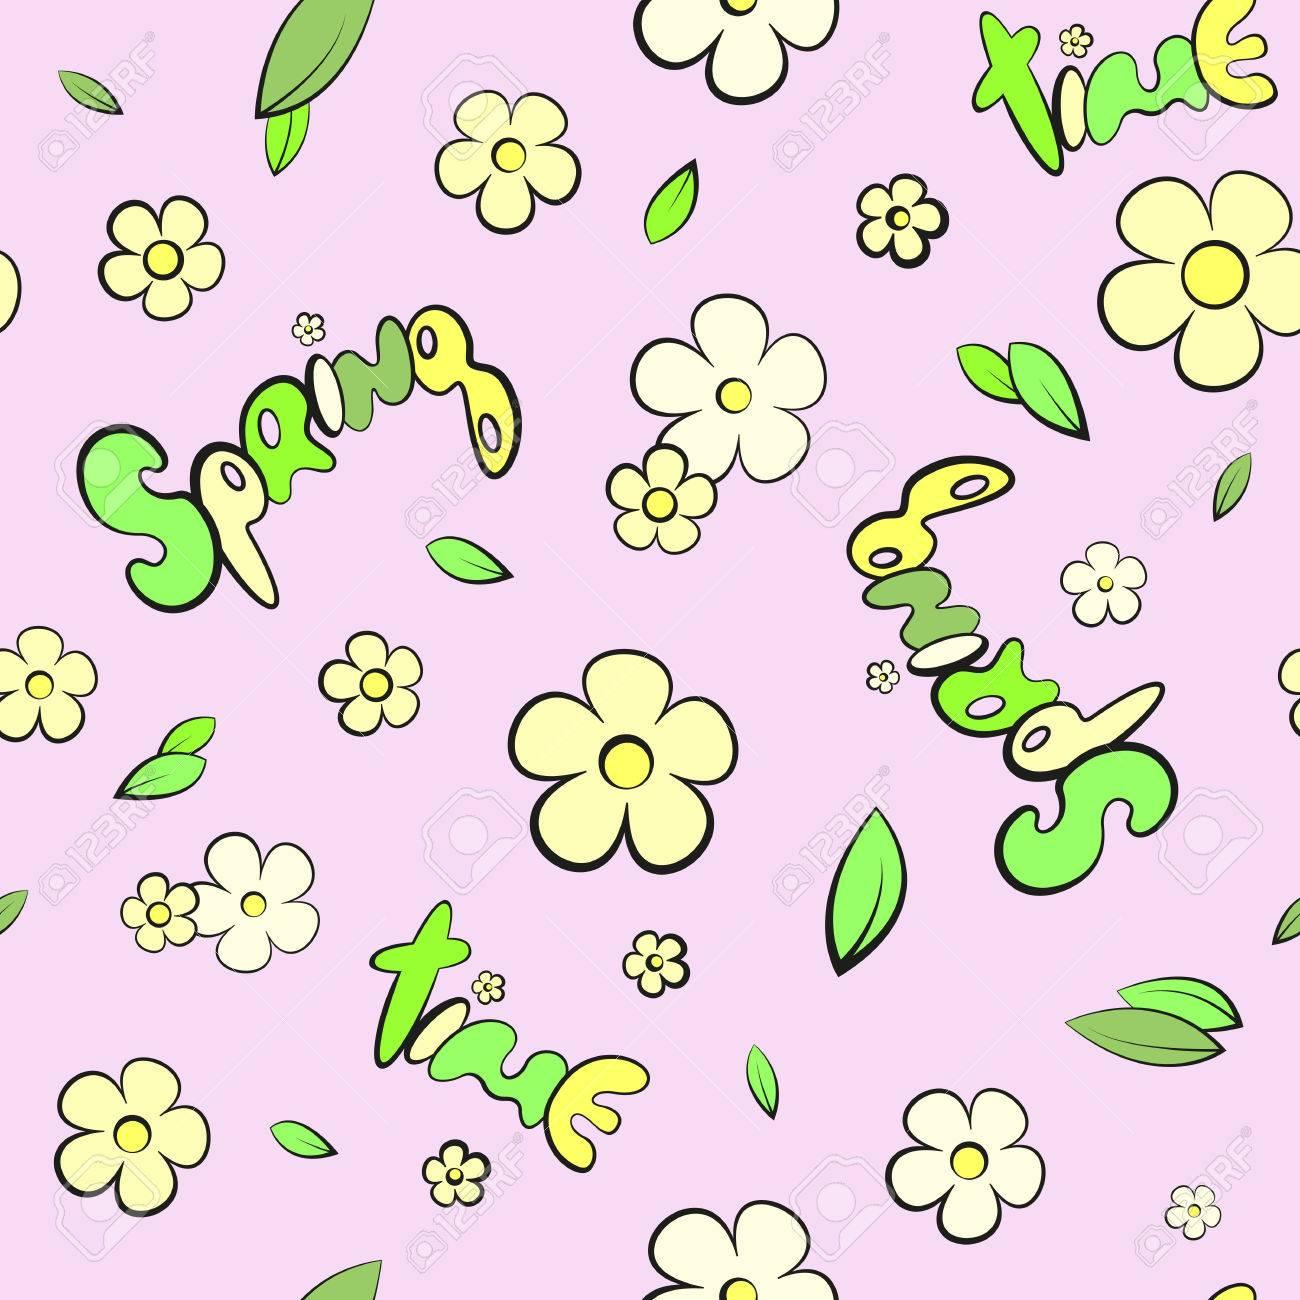 Hojas De Dibujos Animados Y Flores De Primavera Patron Sin Fisuras